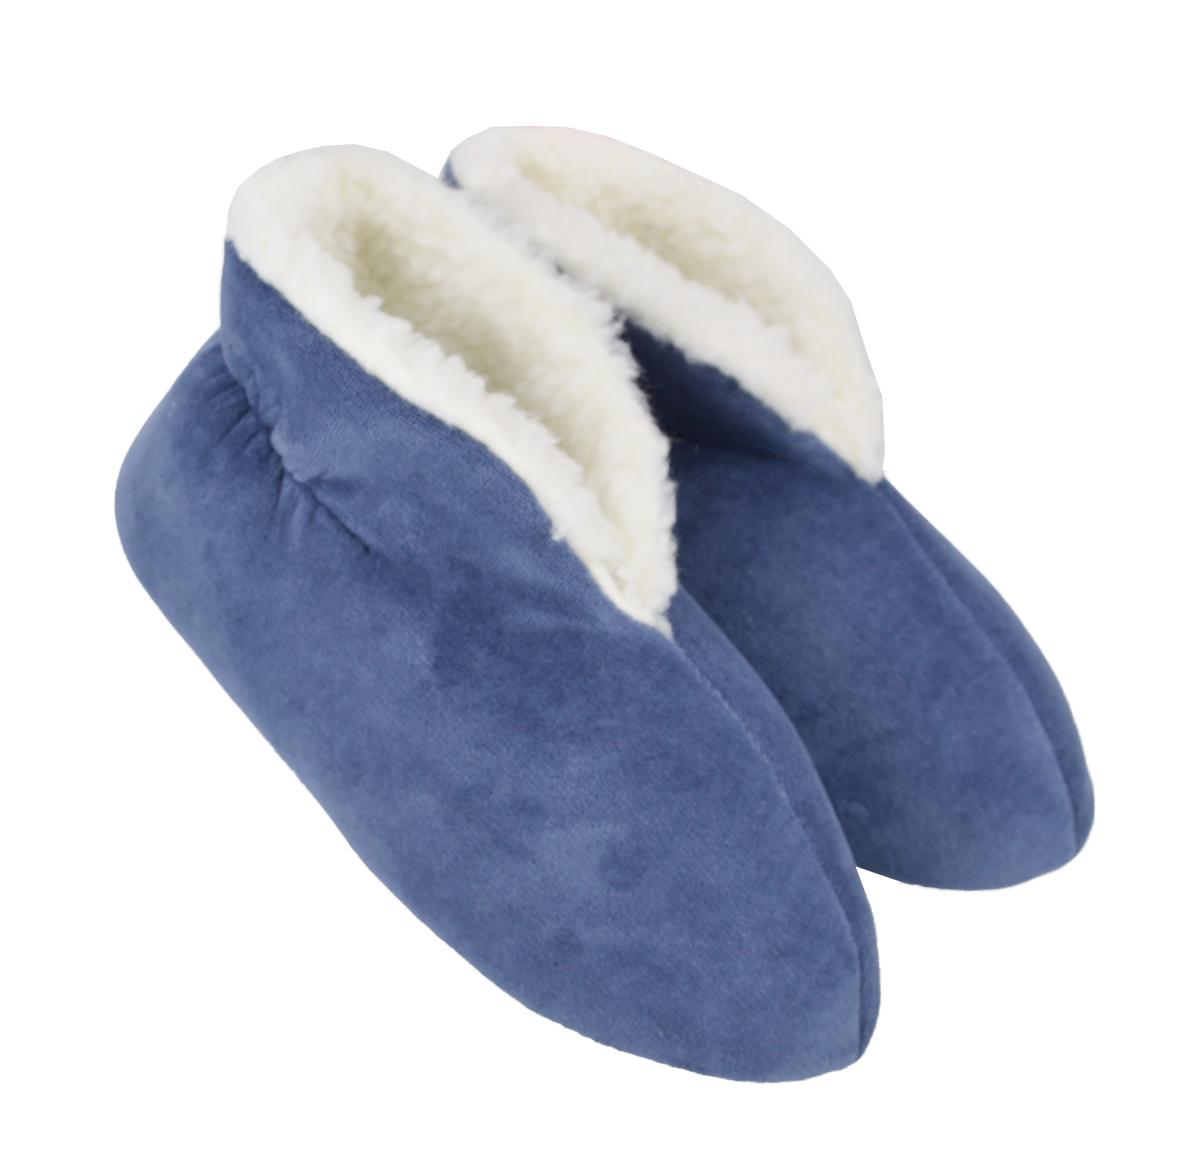 Pantufa Feminina Vairelli Inverno em Plush XE Super Quentinha e Confortável  - Vairelli Chinelos Pijamas Robes